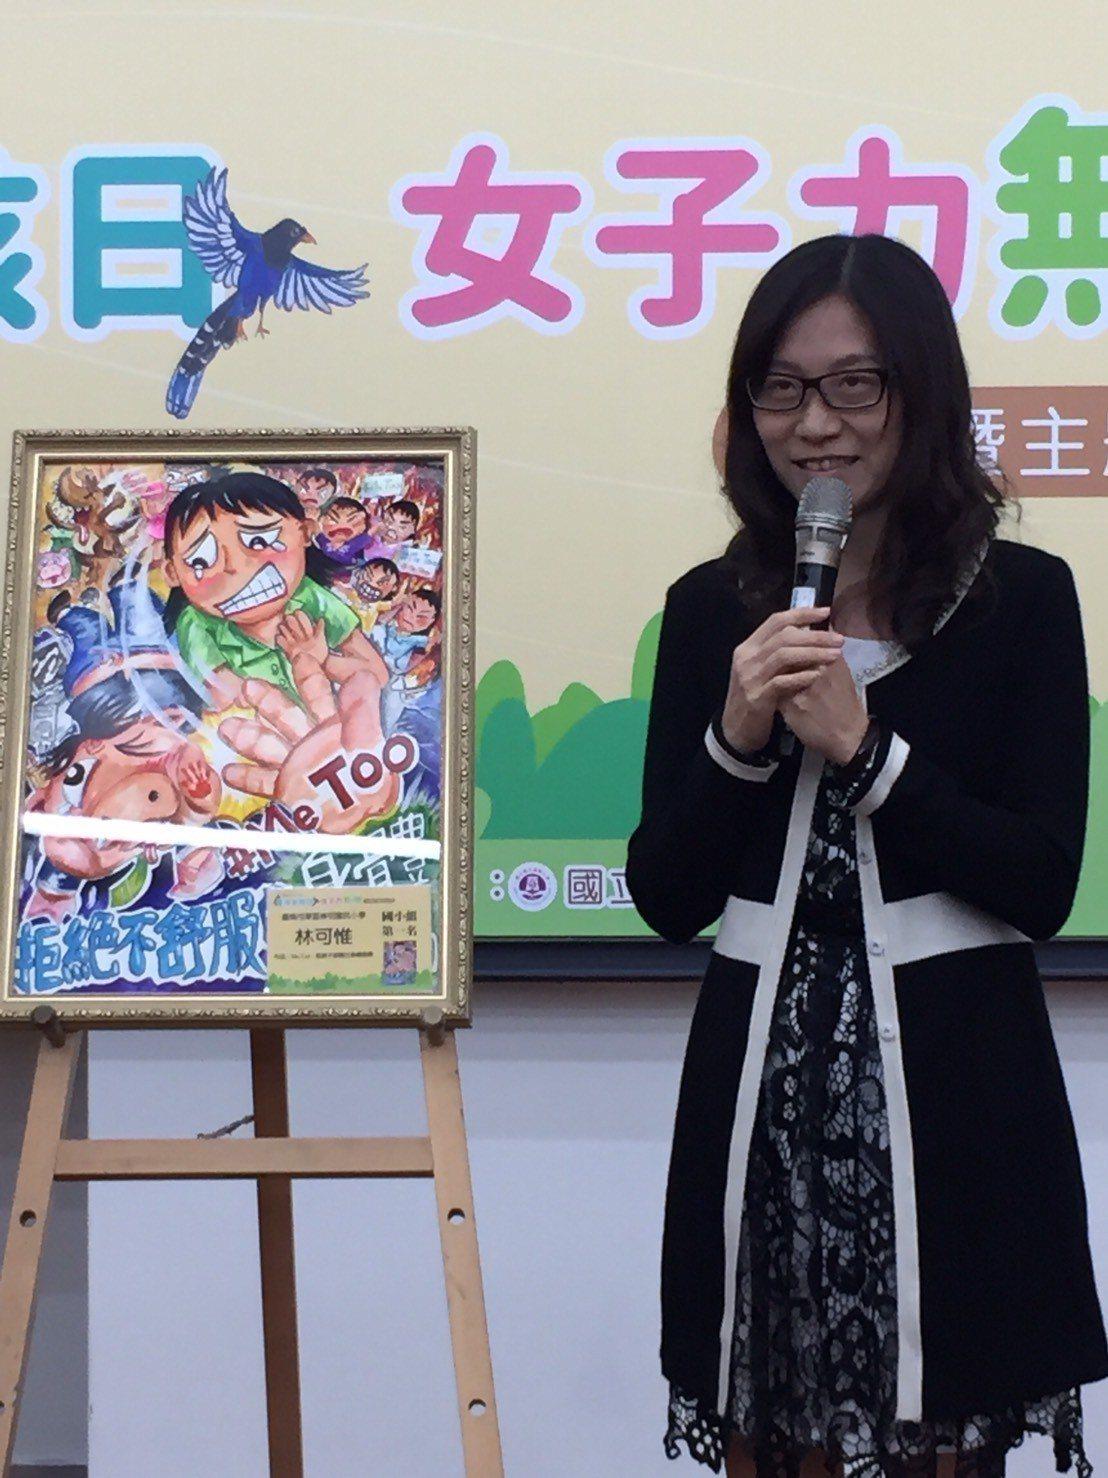 台南市崇明國小六年級的林可惟則以「#Me Too-拒絕不舒服的身體接觸」作品獲得...